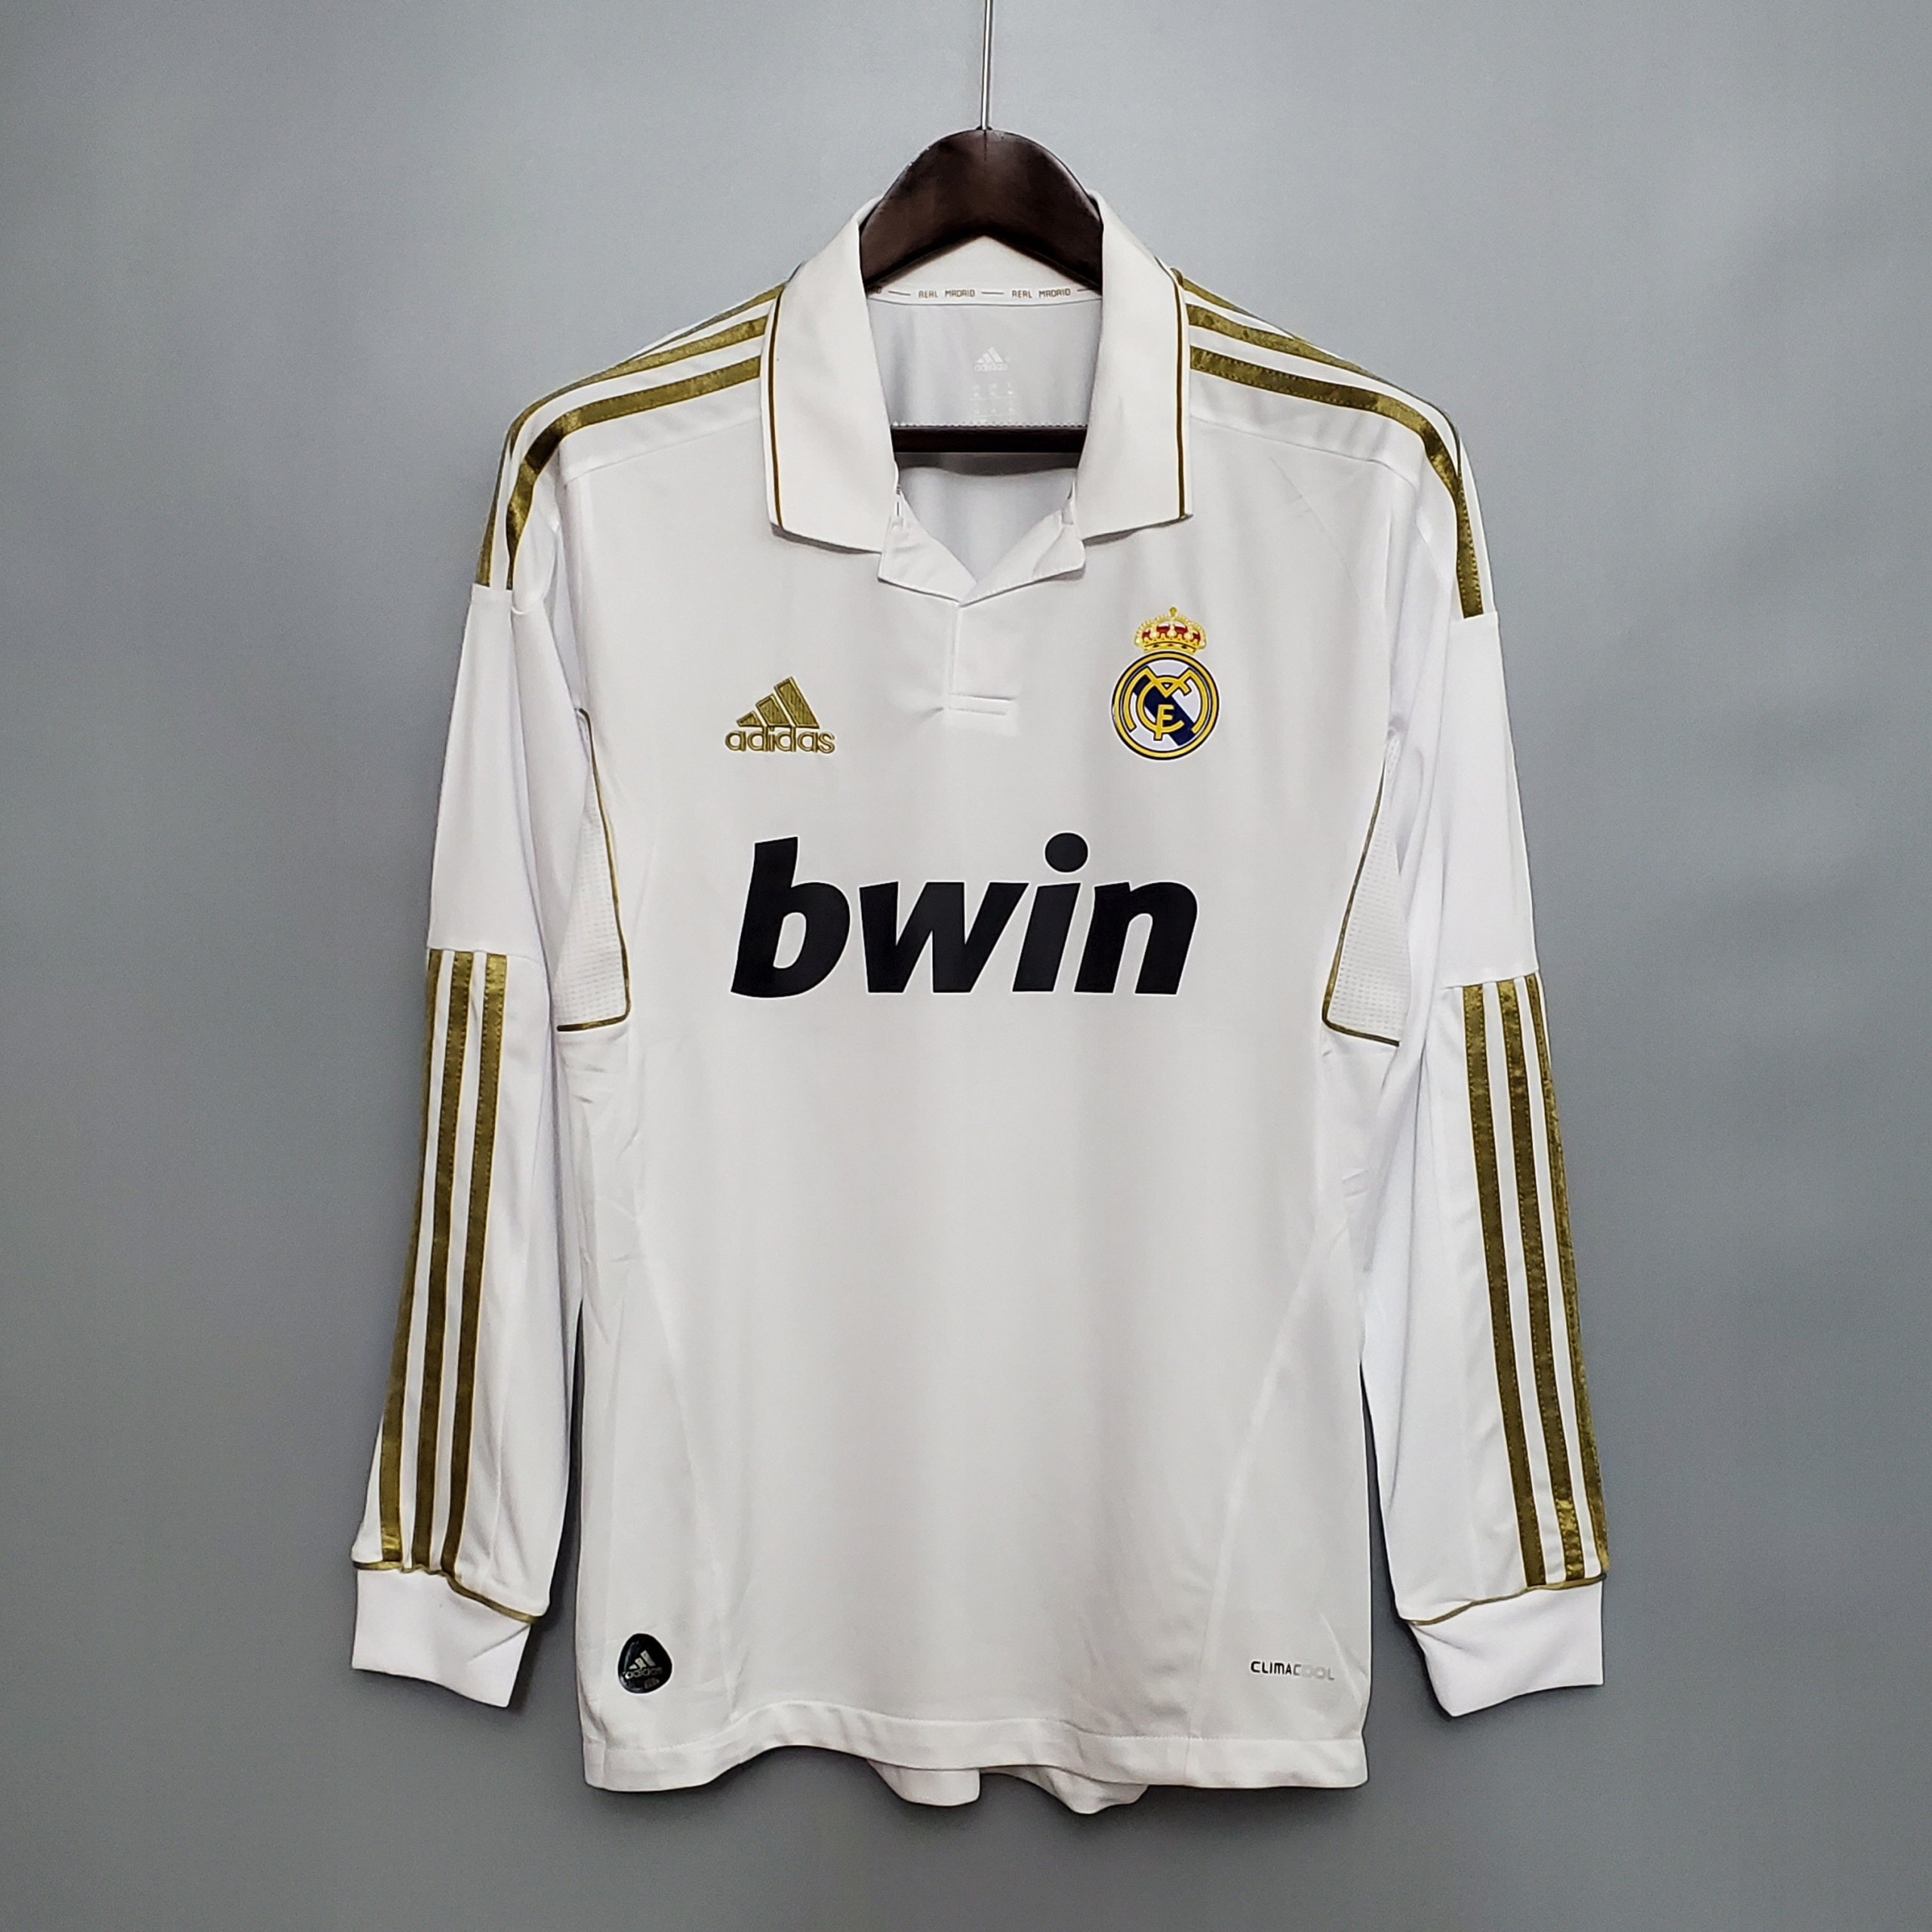 Retro futbalový dres 2011-2012 Real Madrid